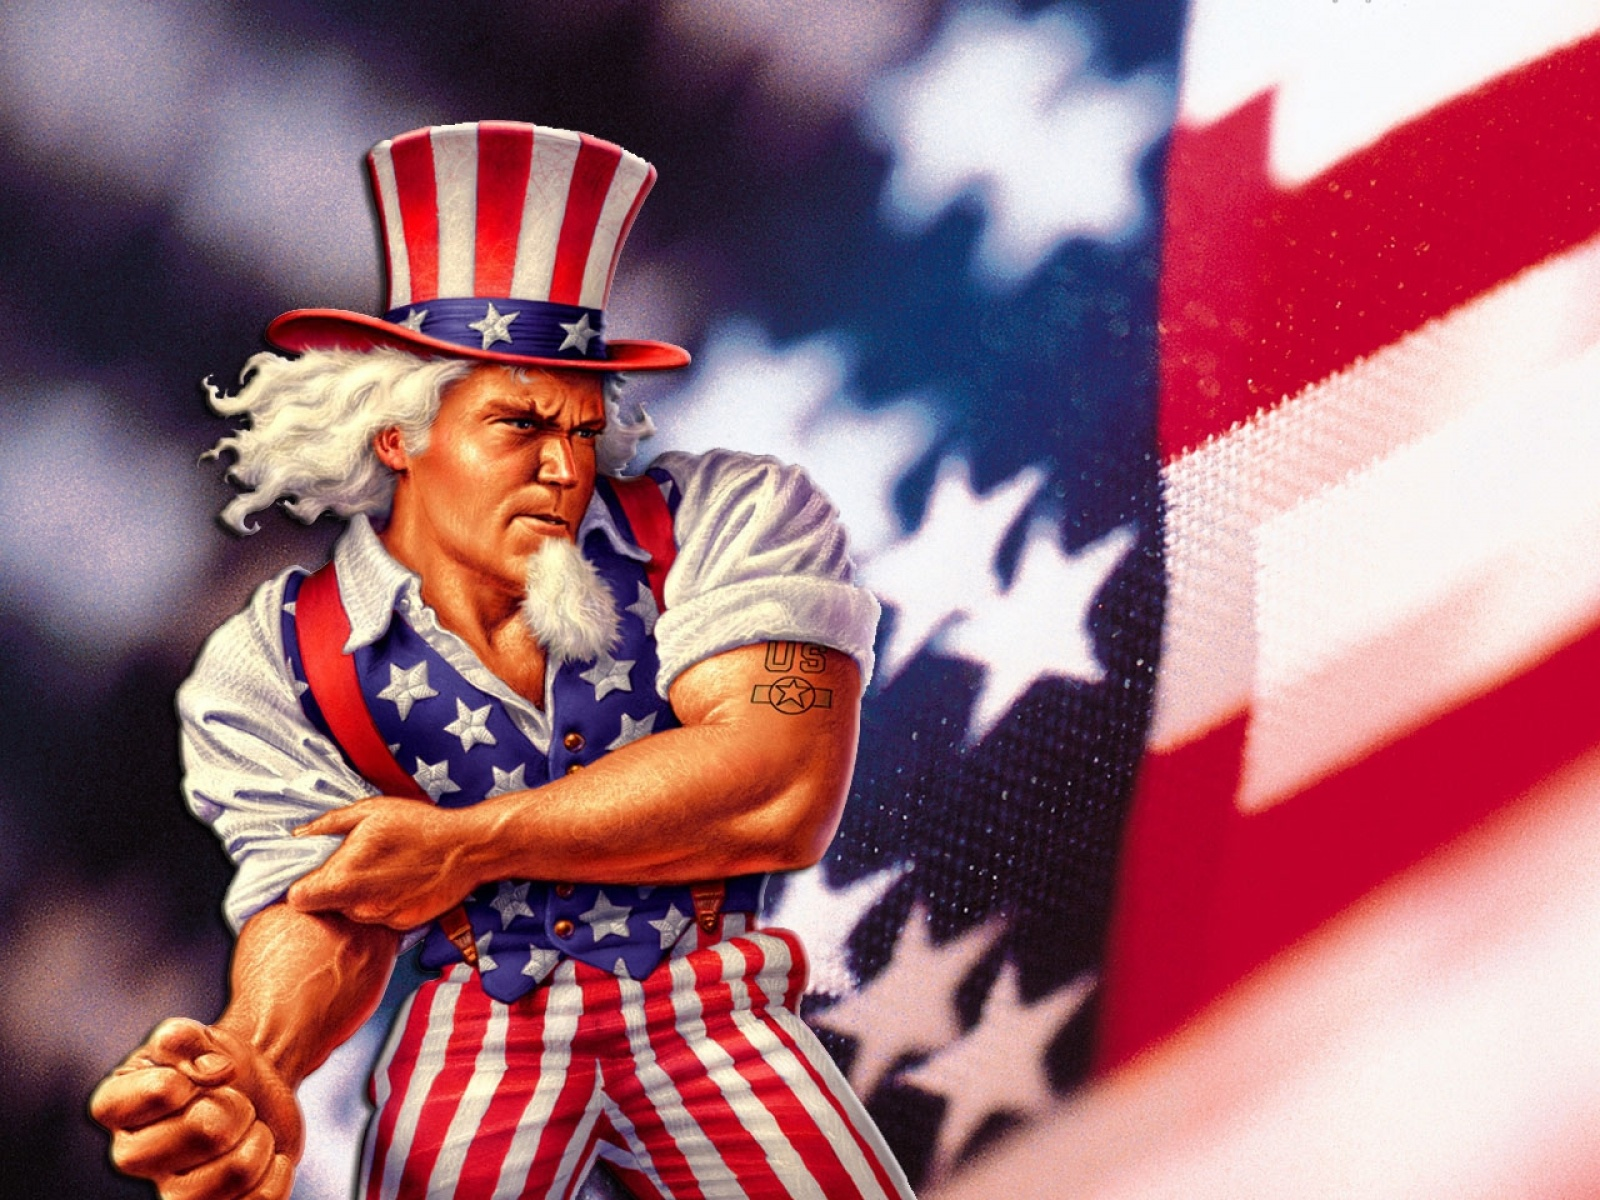 Америка прикольные картинки, внуку 25-летием